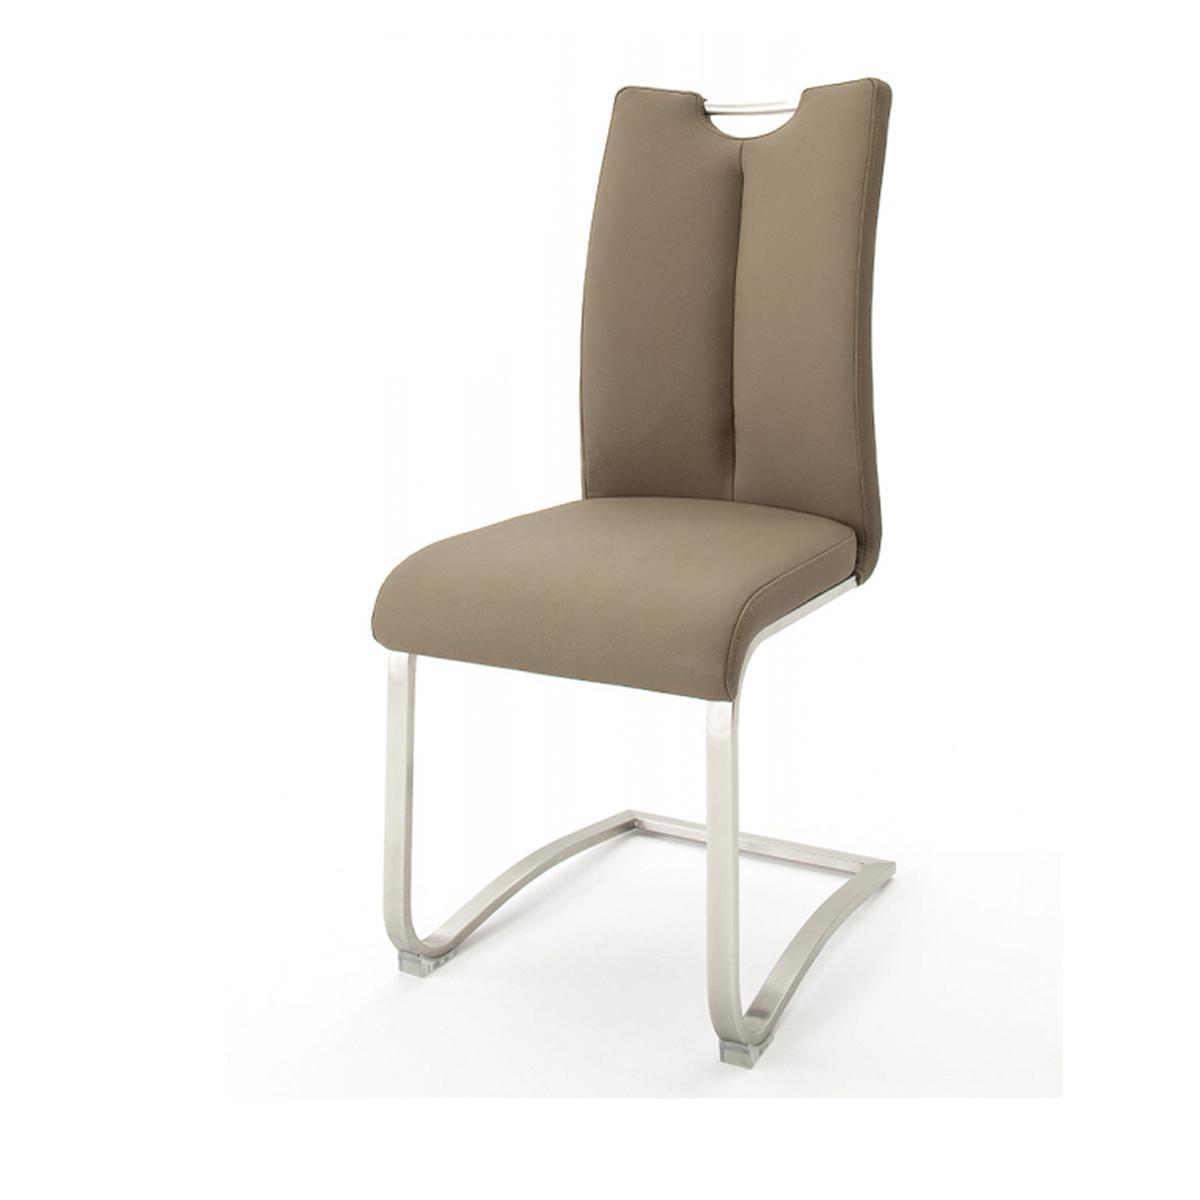 Pegane Lot de 2 chaises de salle à manger en acier et cuir cappuccino - H.102 x L.45 x P.58 cm